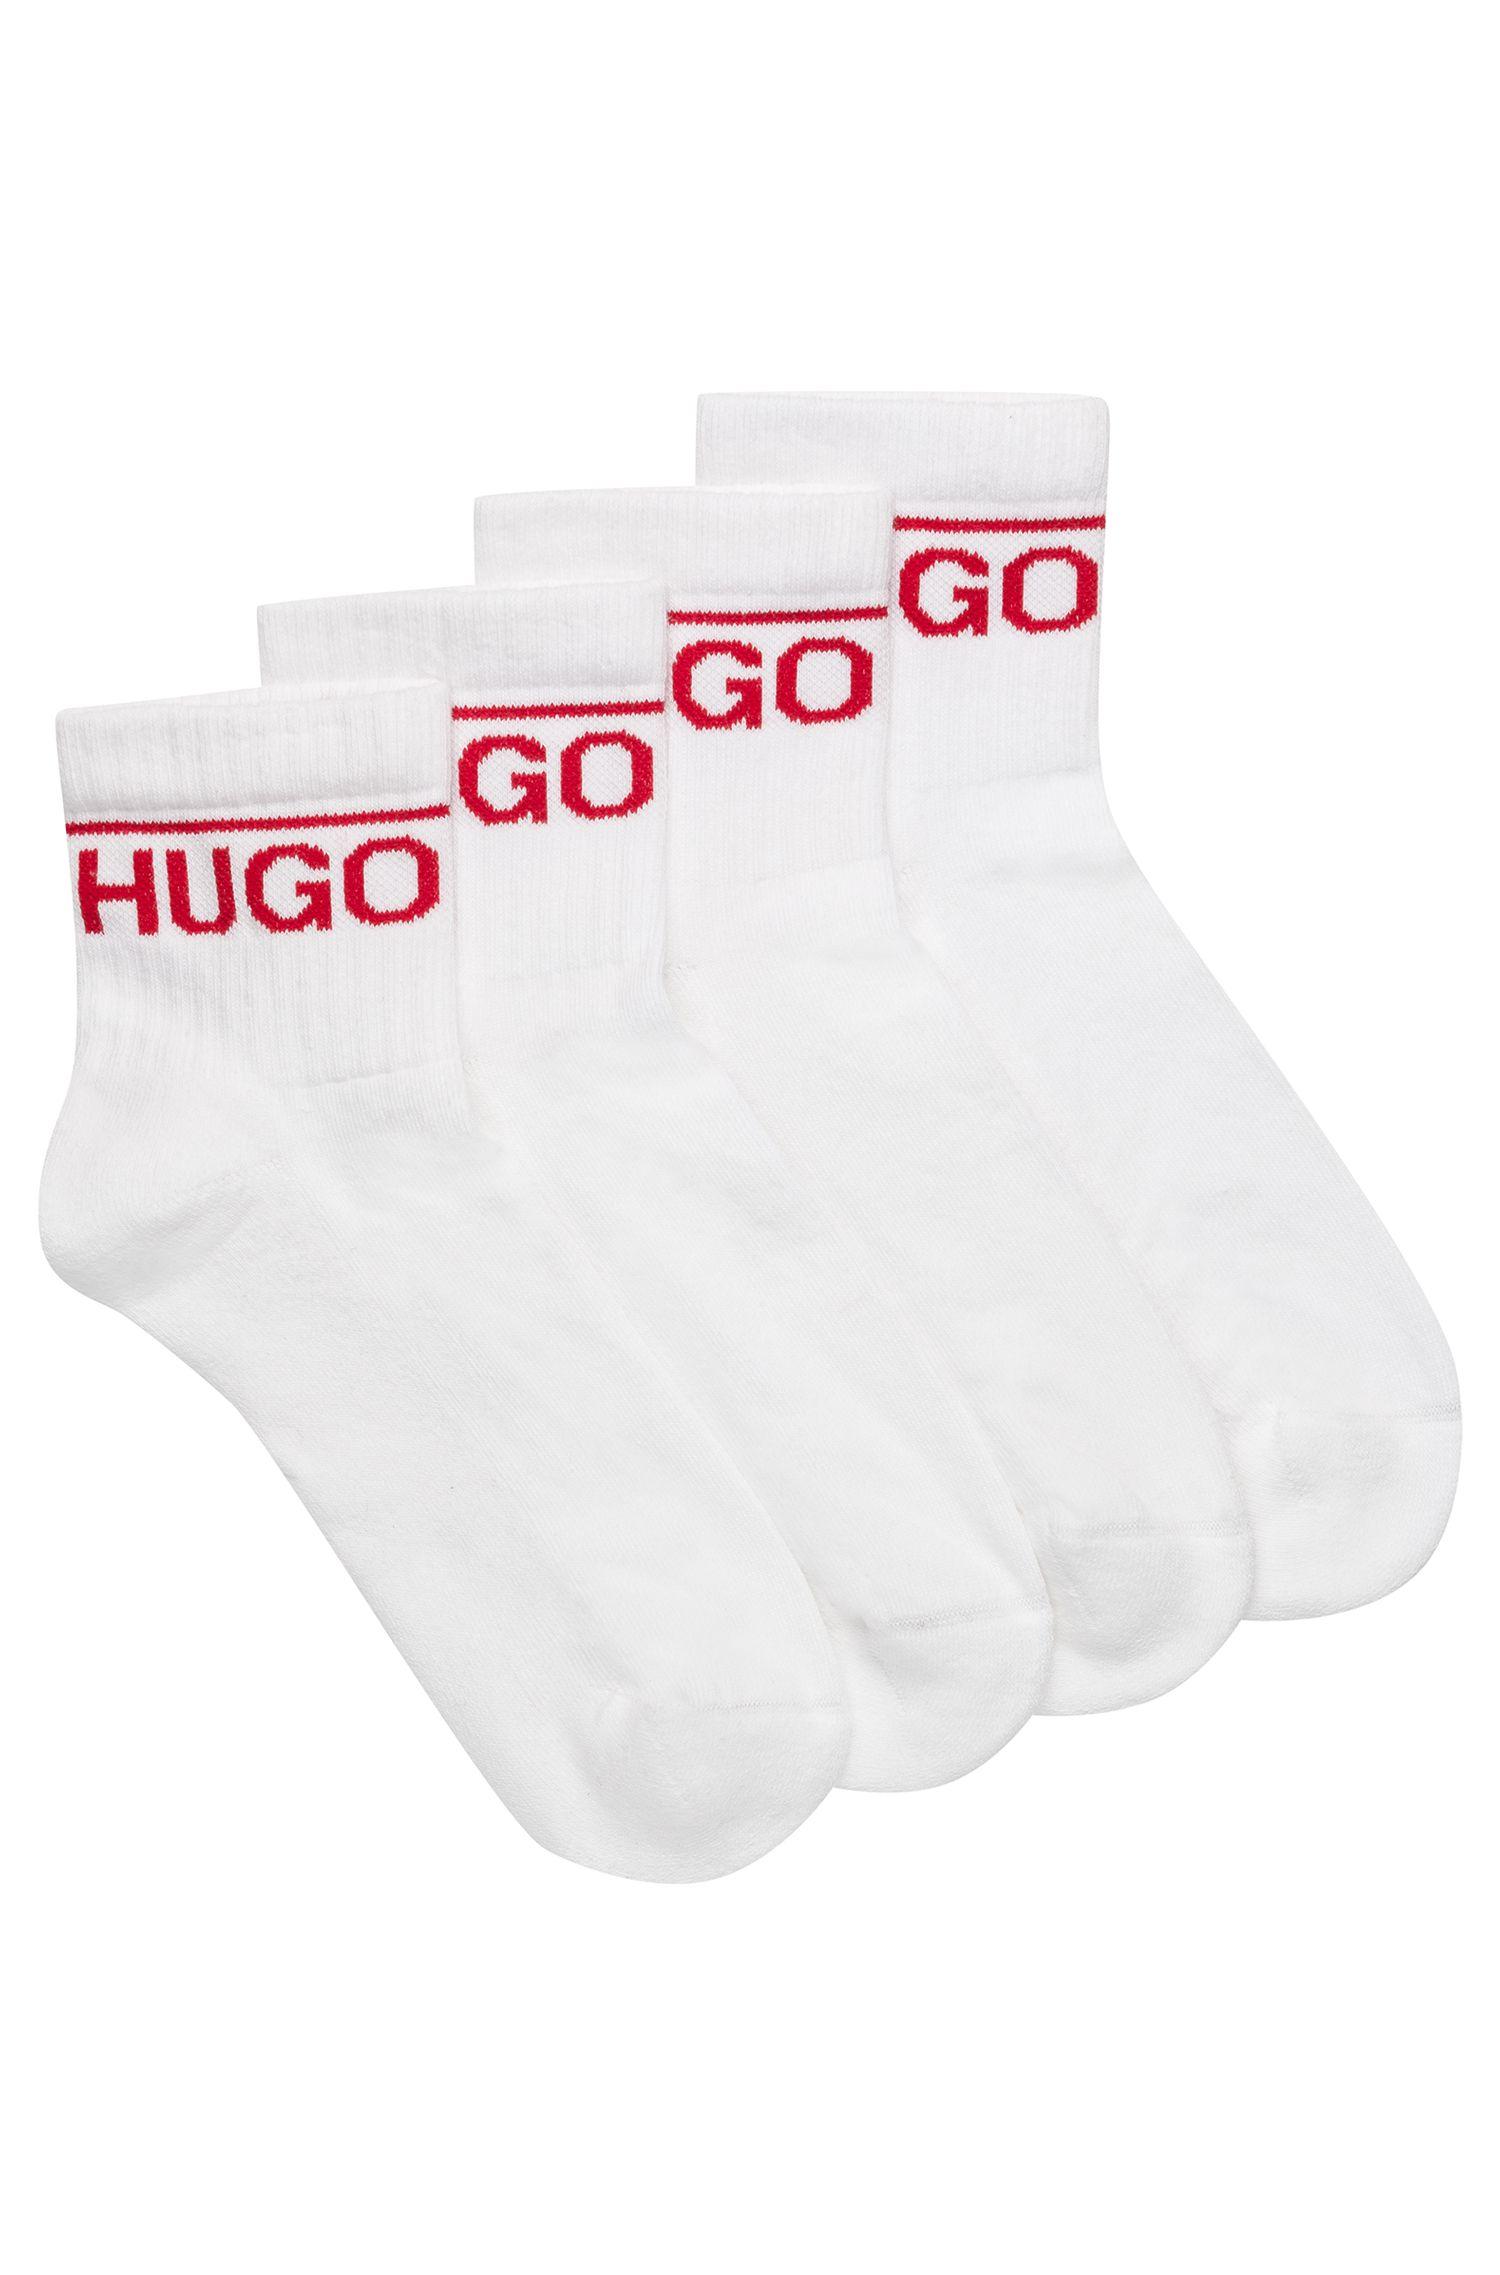 Zweier-Pack kurze Socken mit Logo-Detail, Weiß